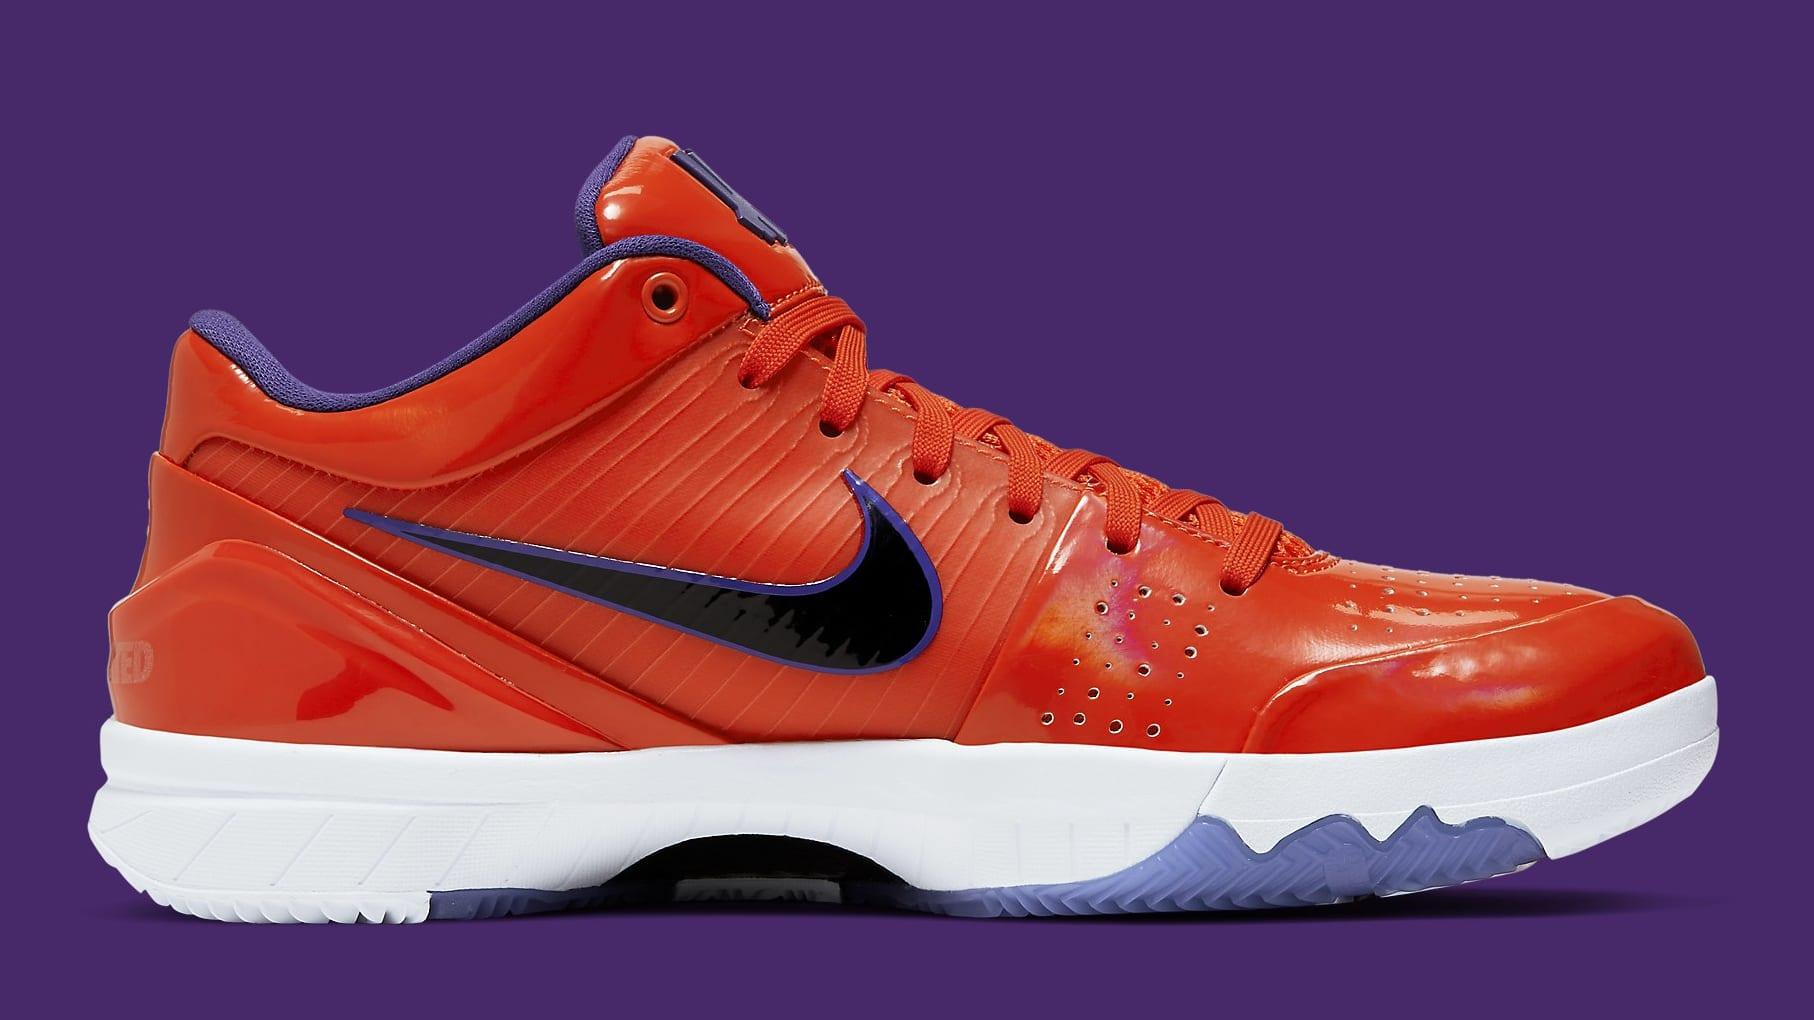 UNDFTD x Nike Kobe 4 Protro Orange Release Date CQ33869-800 Medial